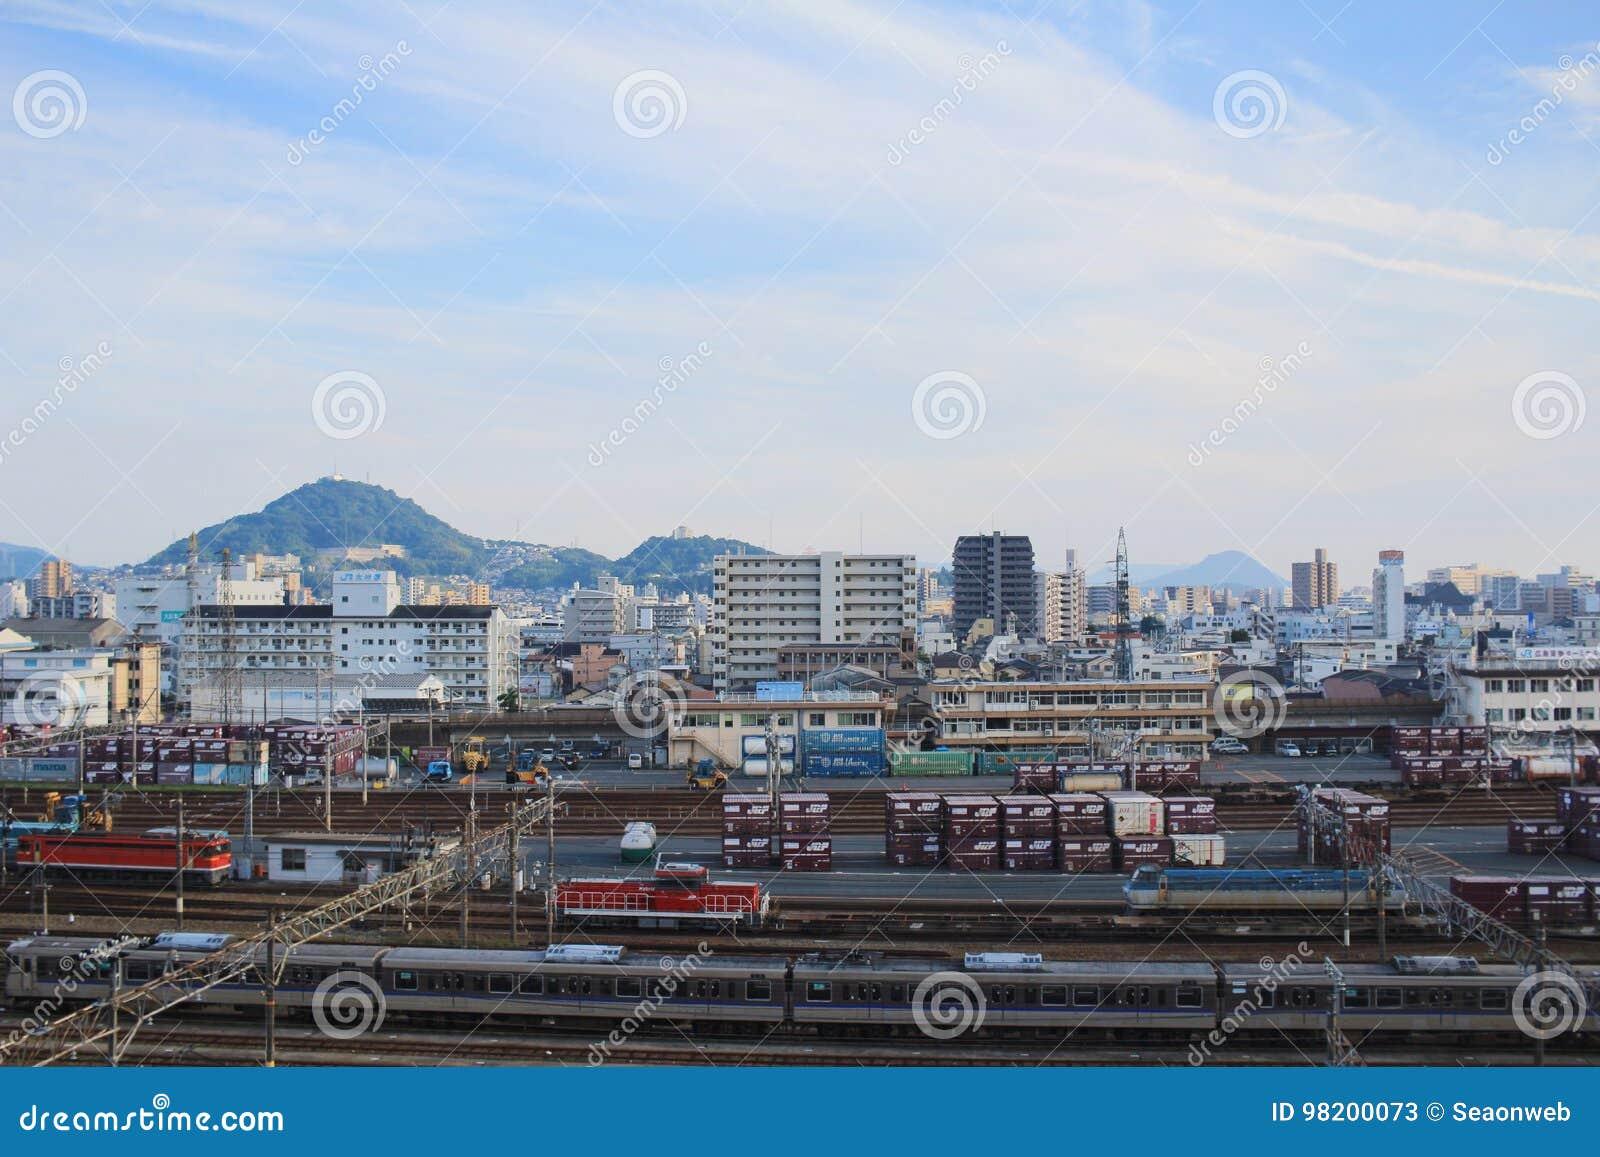 Download док поезда на ХИРОСИМЕ, редакционное стоковое фото. изображение насчитывающей футуристическо - 98200073